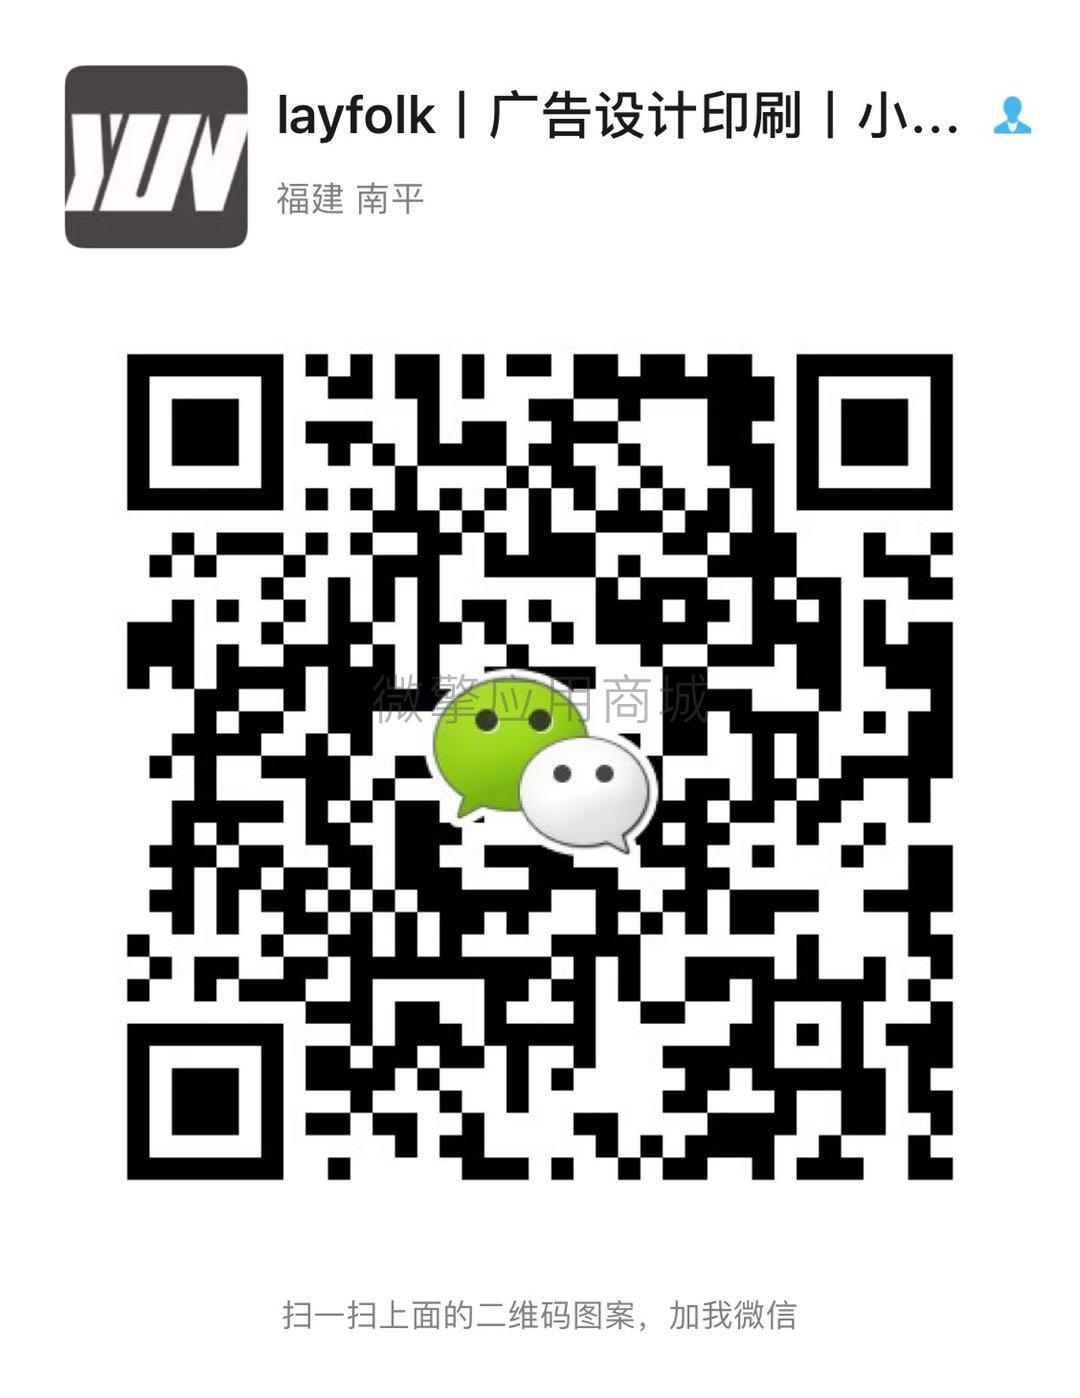 b9ade14e3fcd5670d3f5962c3624808.jpg